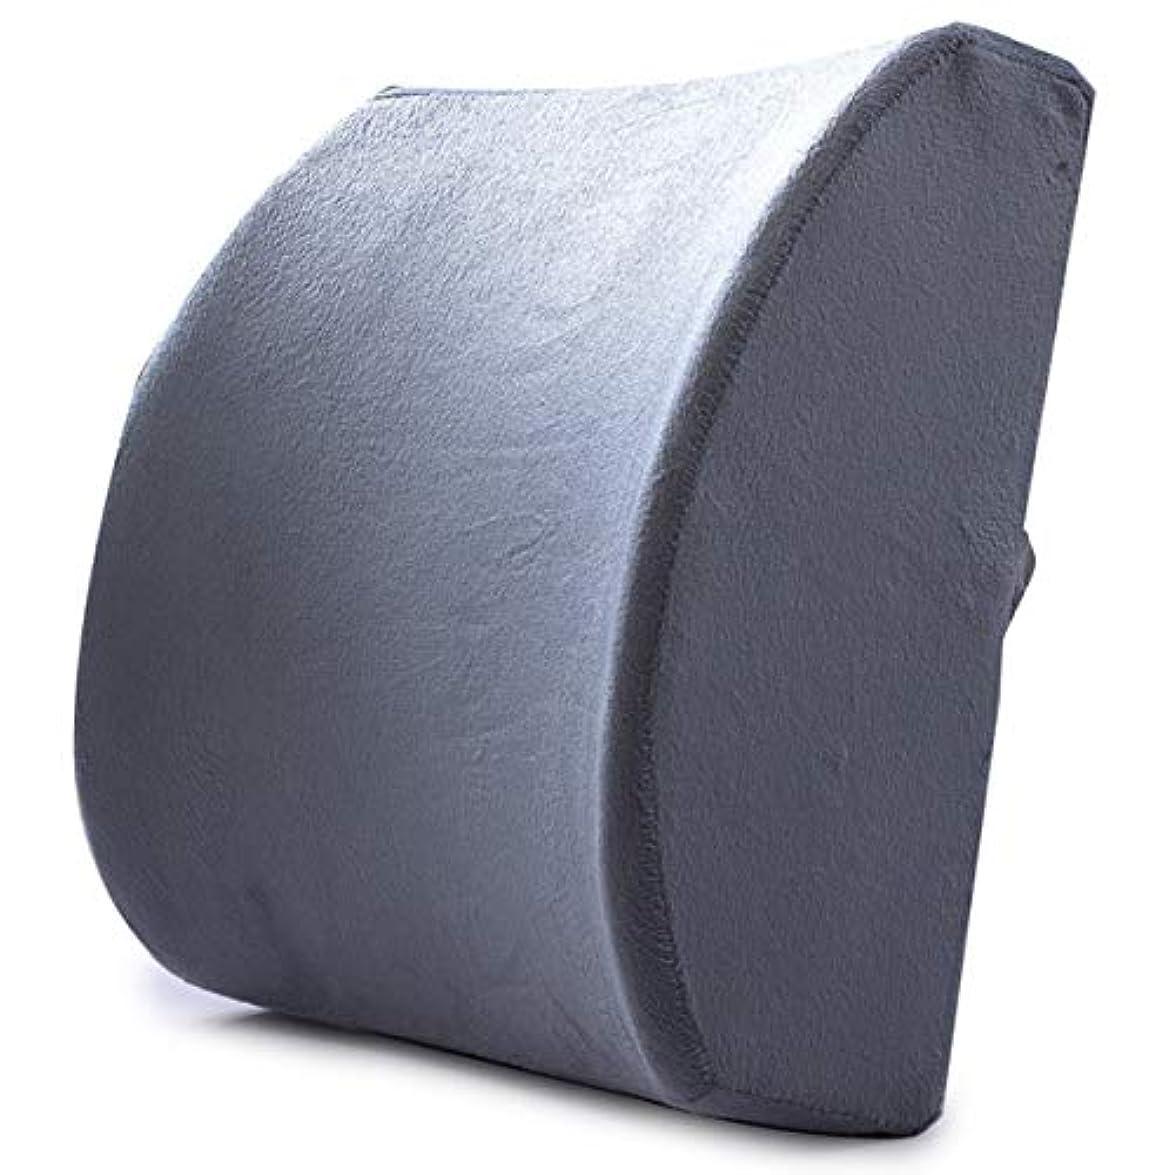 開発物理バスルームMemory Foam Lumbar Support Waist Cushion Pillow For Chairs in the Car Seat Pillows Home Office Relieve Pain